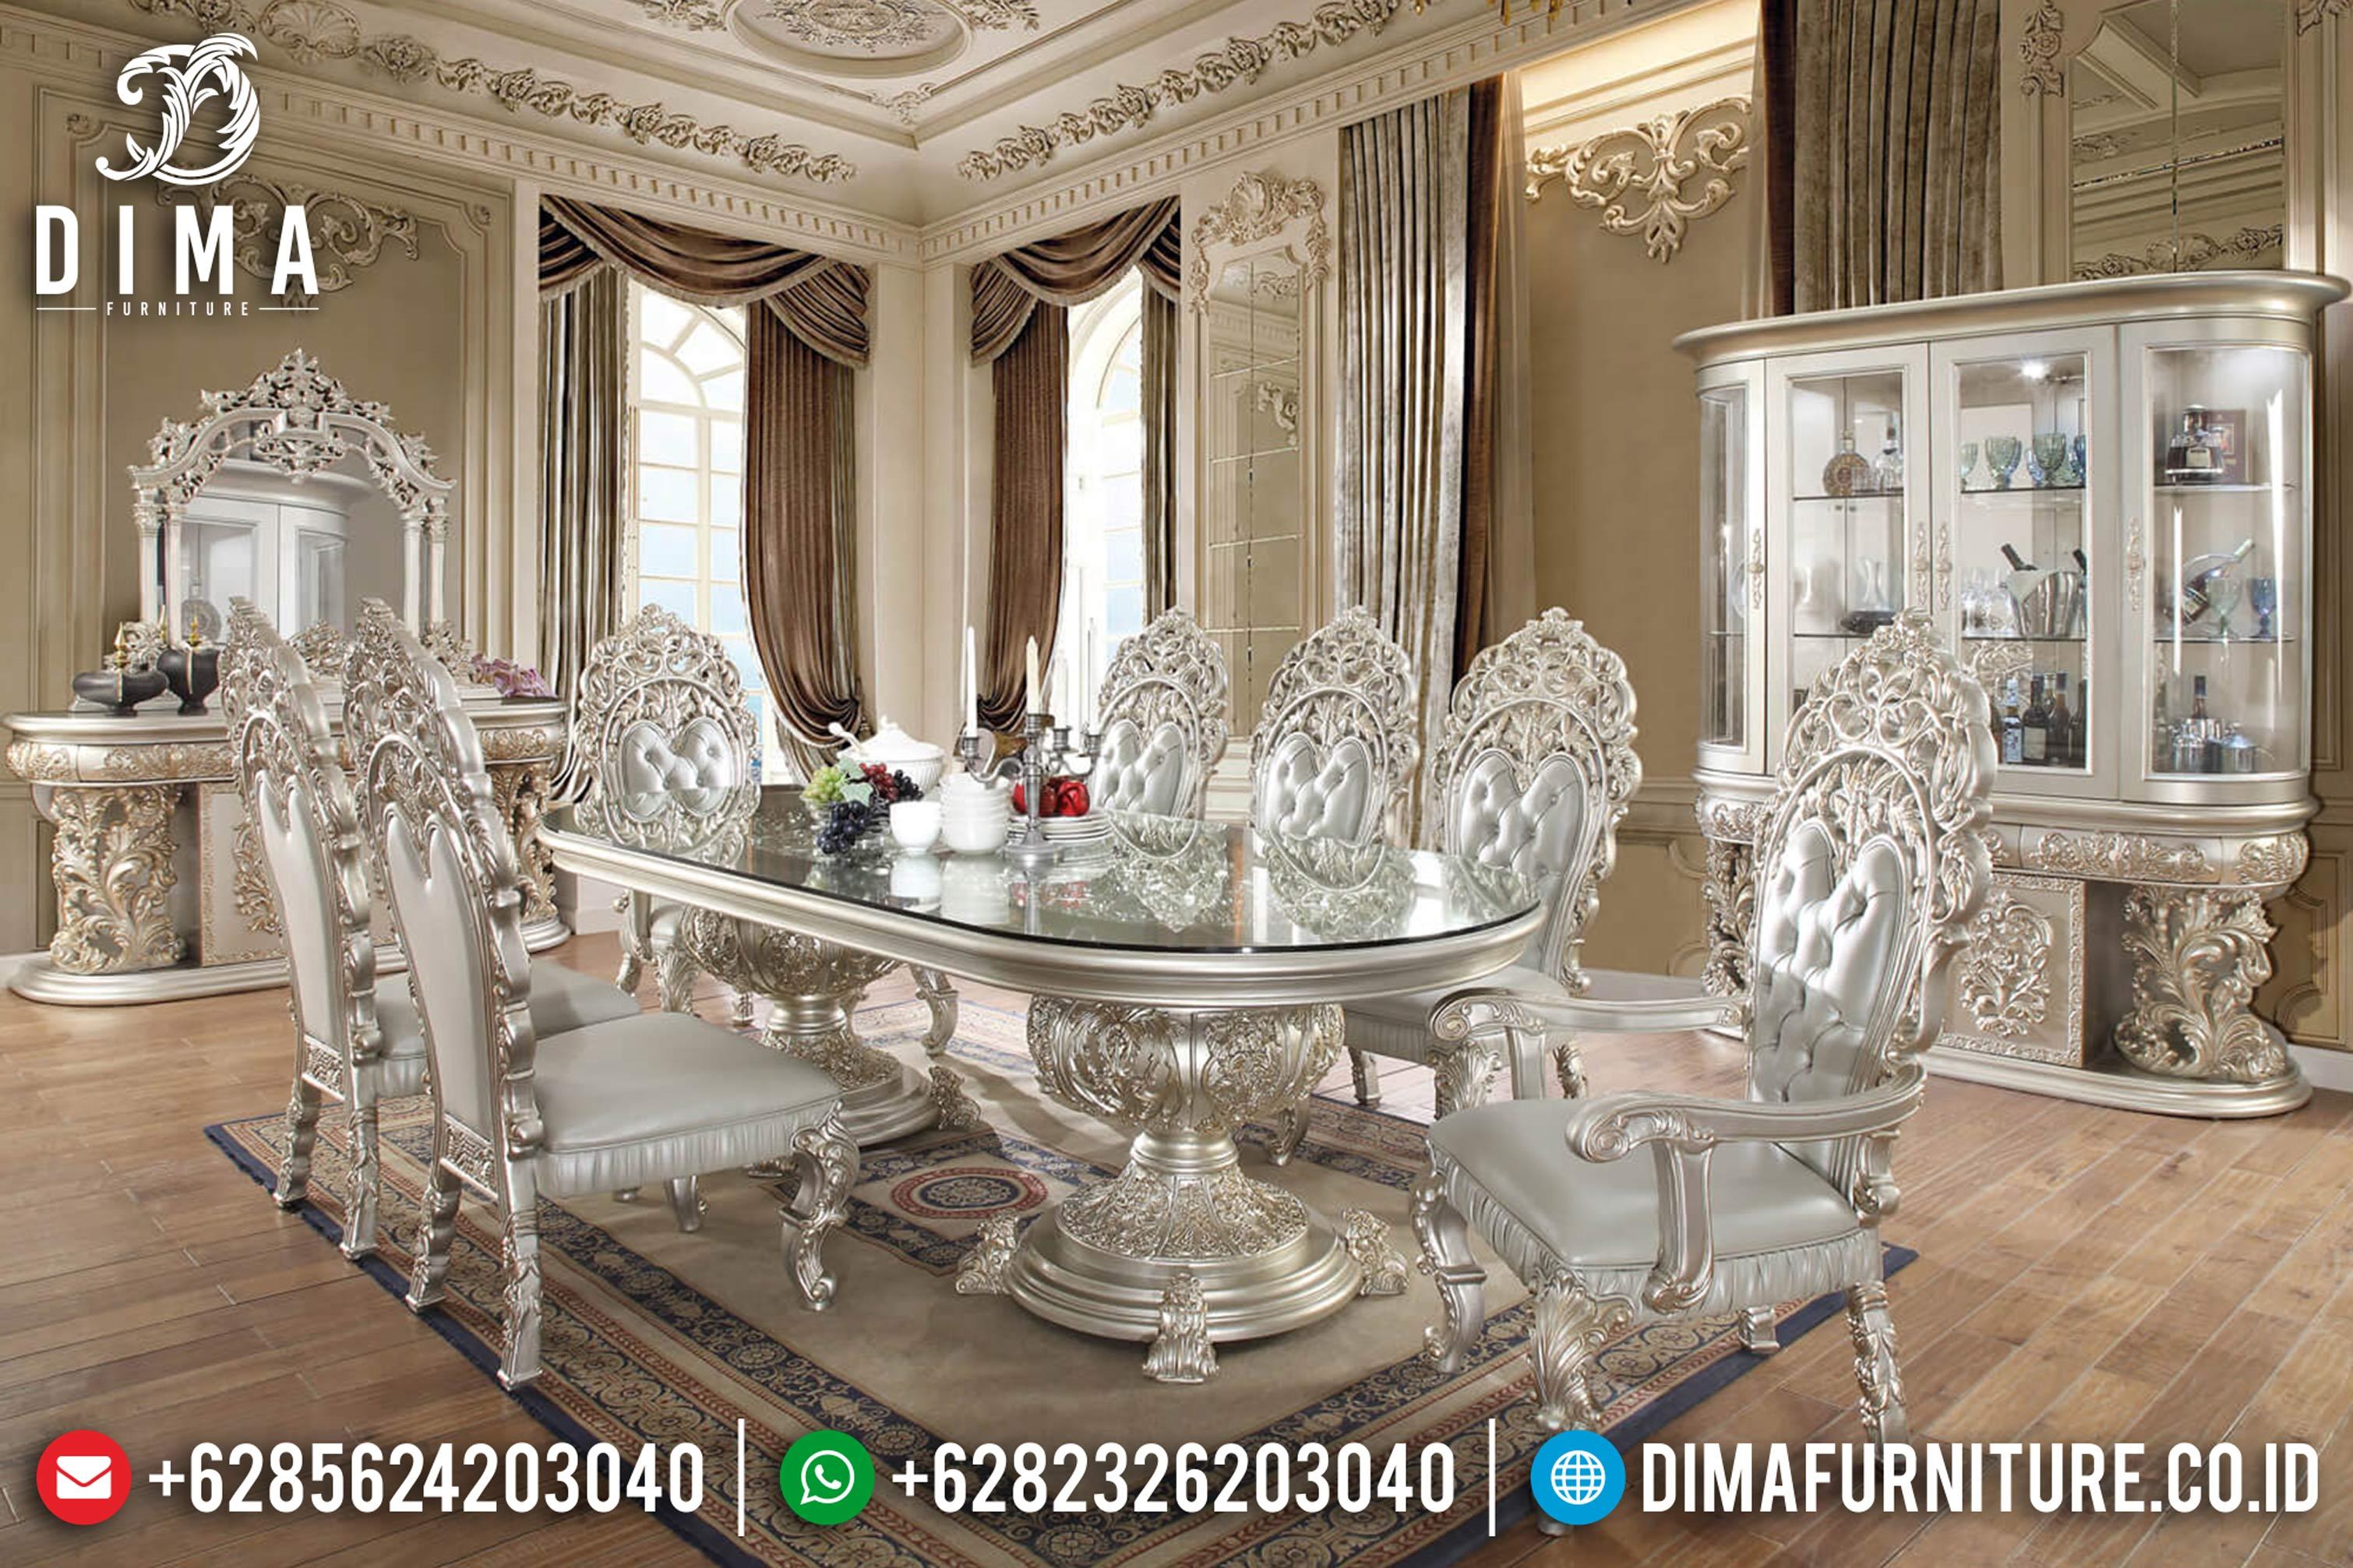 Classic Furniture Sale Meja Makan Jepara Mewah Ukiran Klasik Terbaru DF-0624